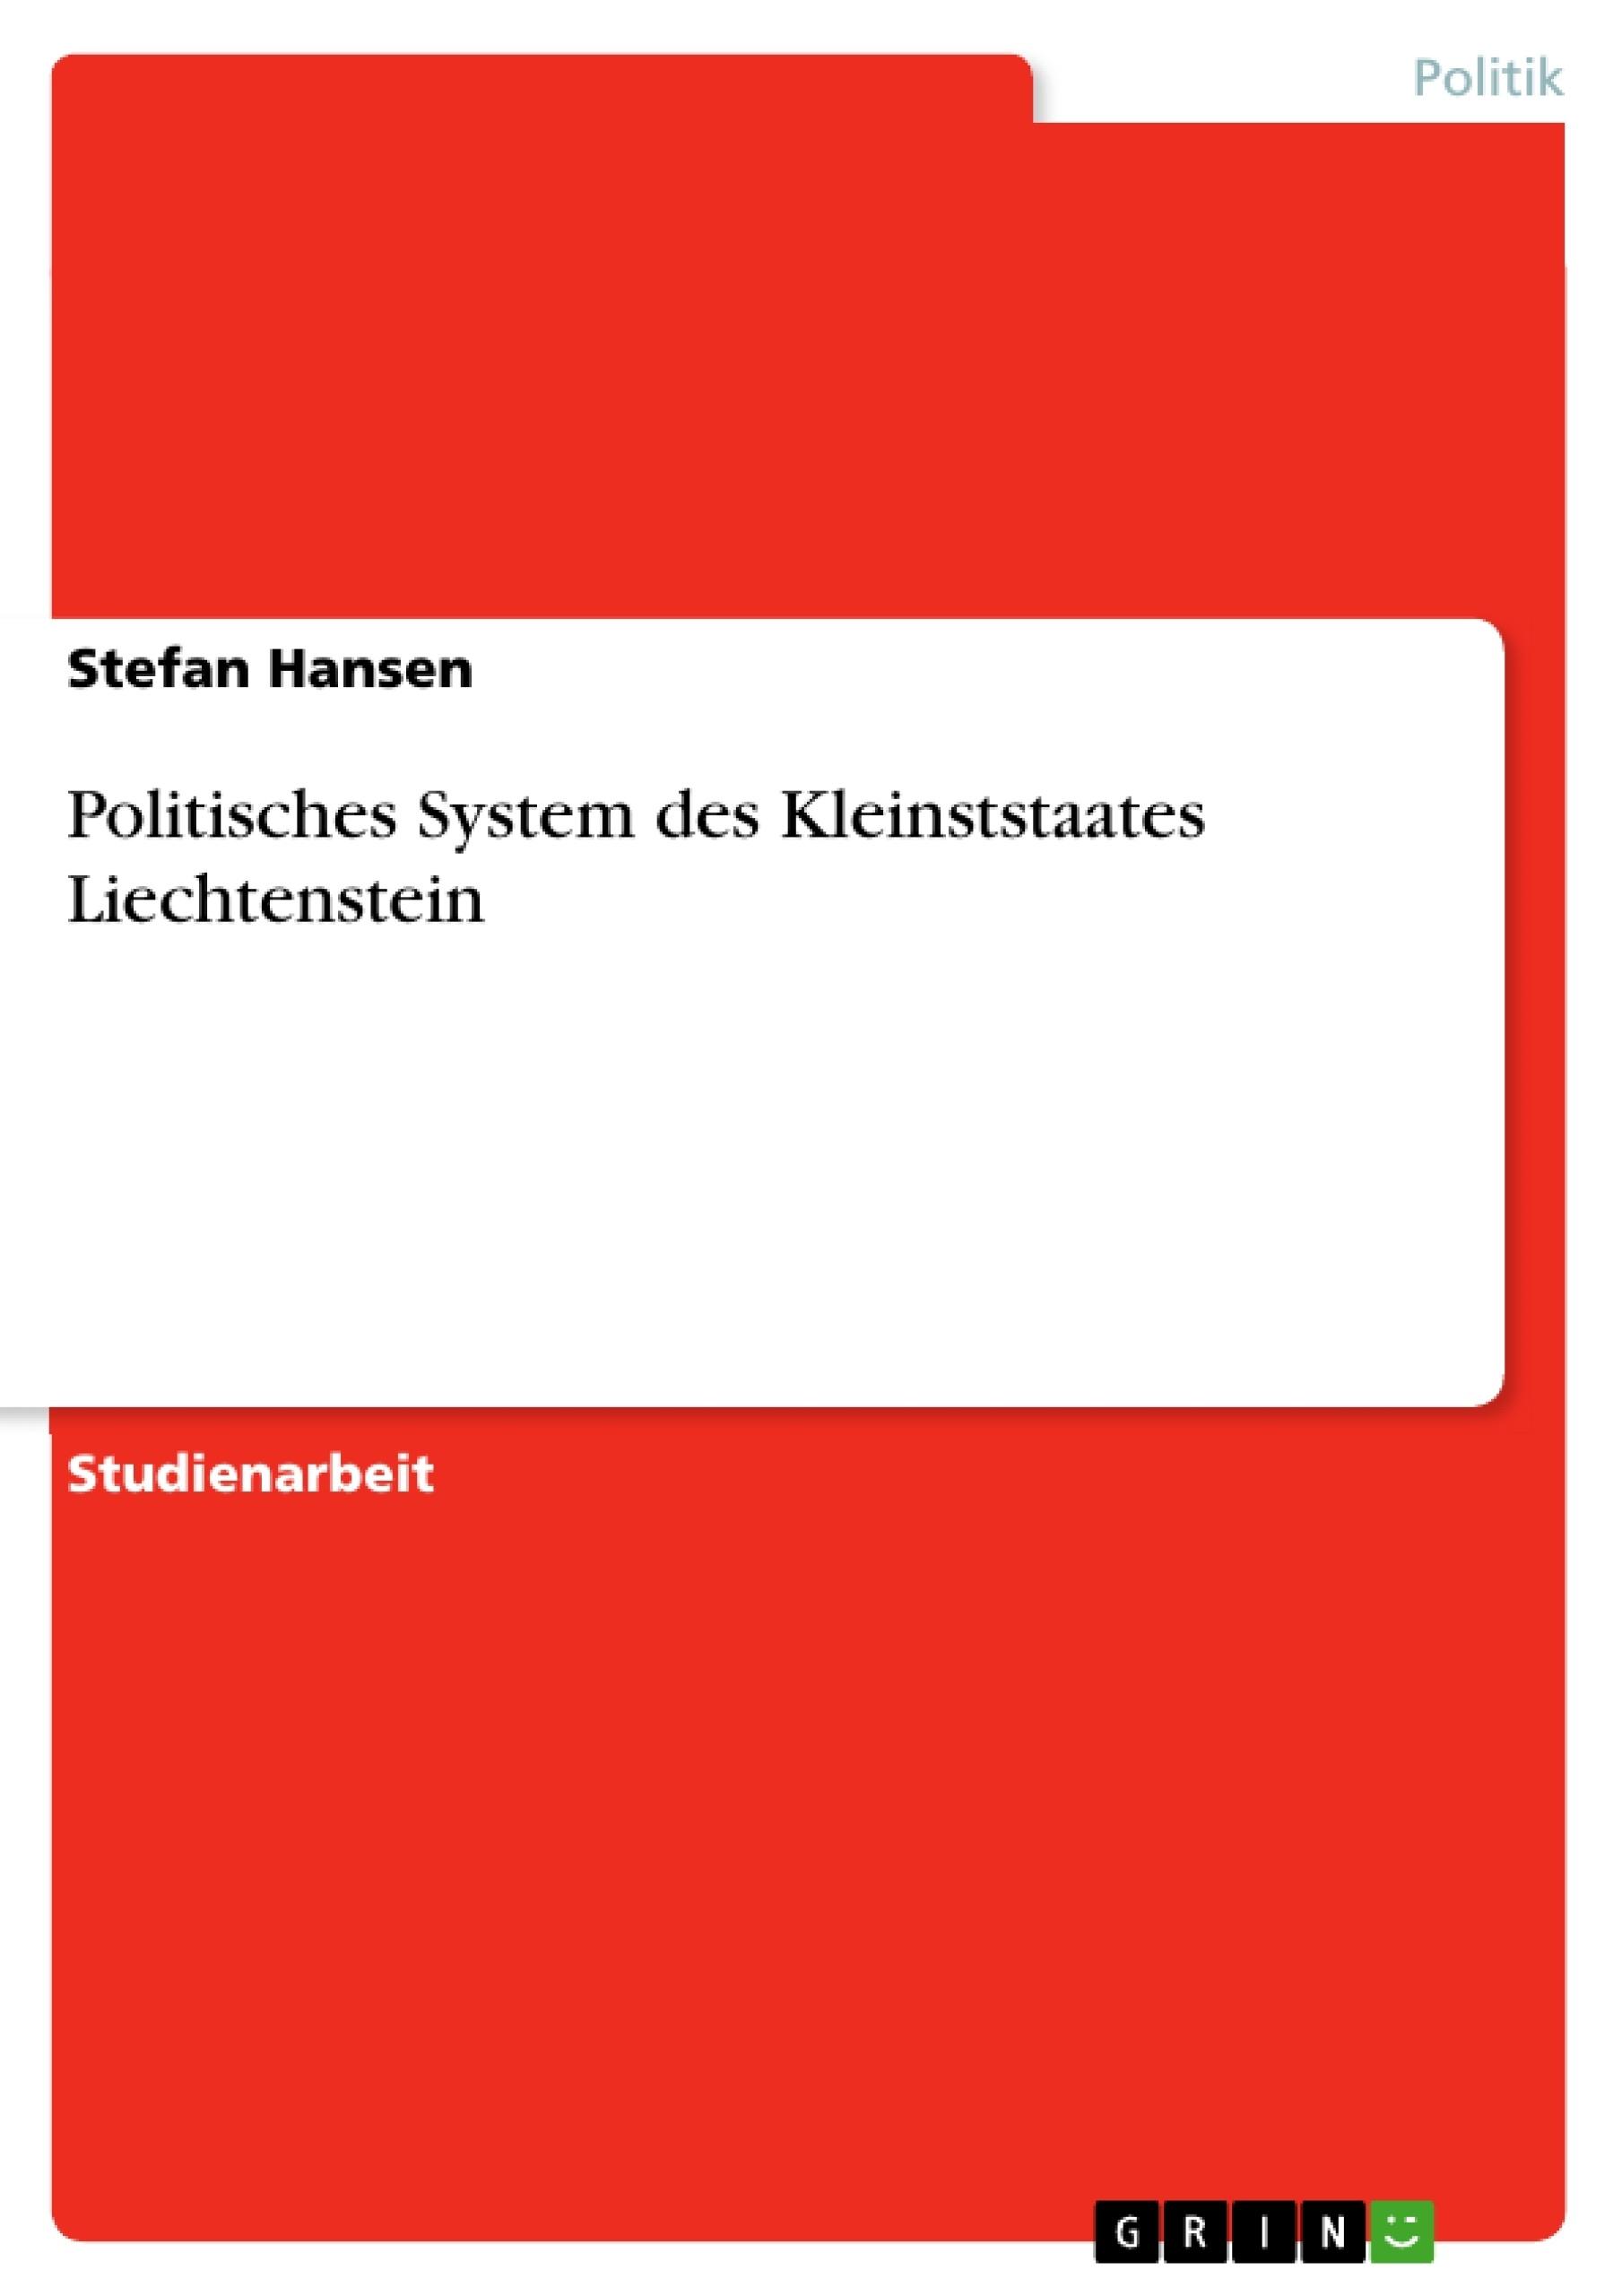 Titel: Politisches System des Kleinststaates Liechtenstein